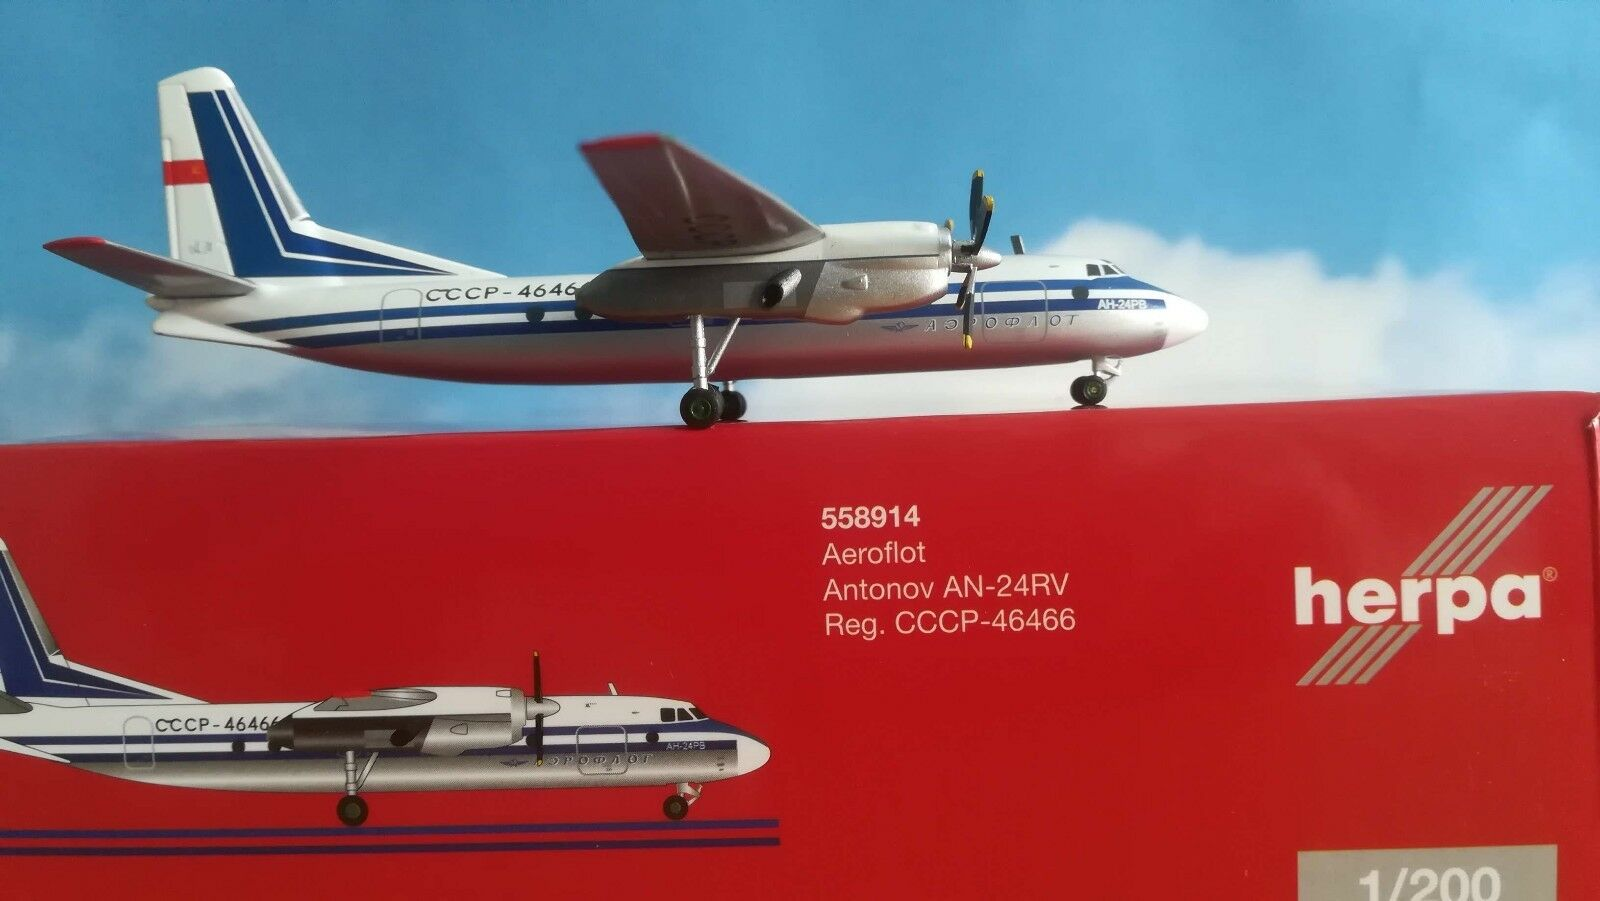 Herpa Wings 1 200 558914 Aeroflot Antonov an-24rv - CCCP - 46466 MODELLO in METALLO